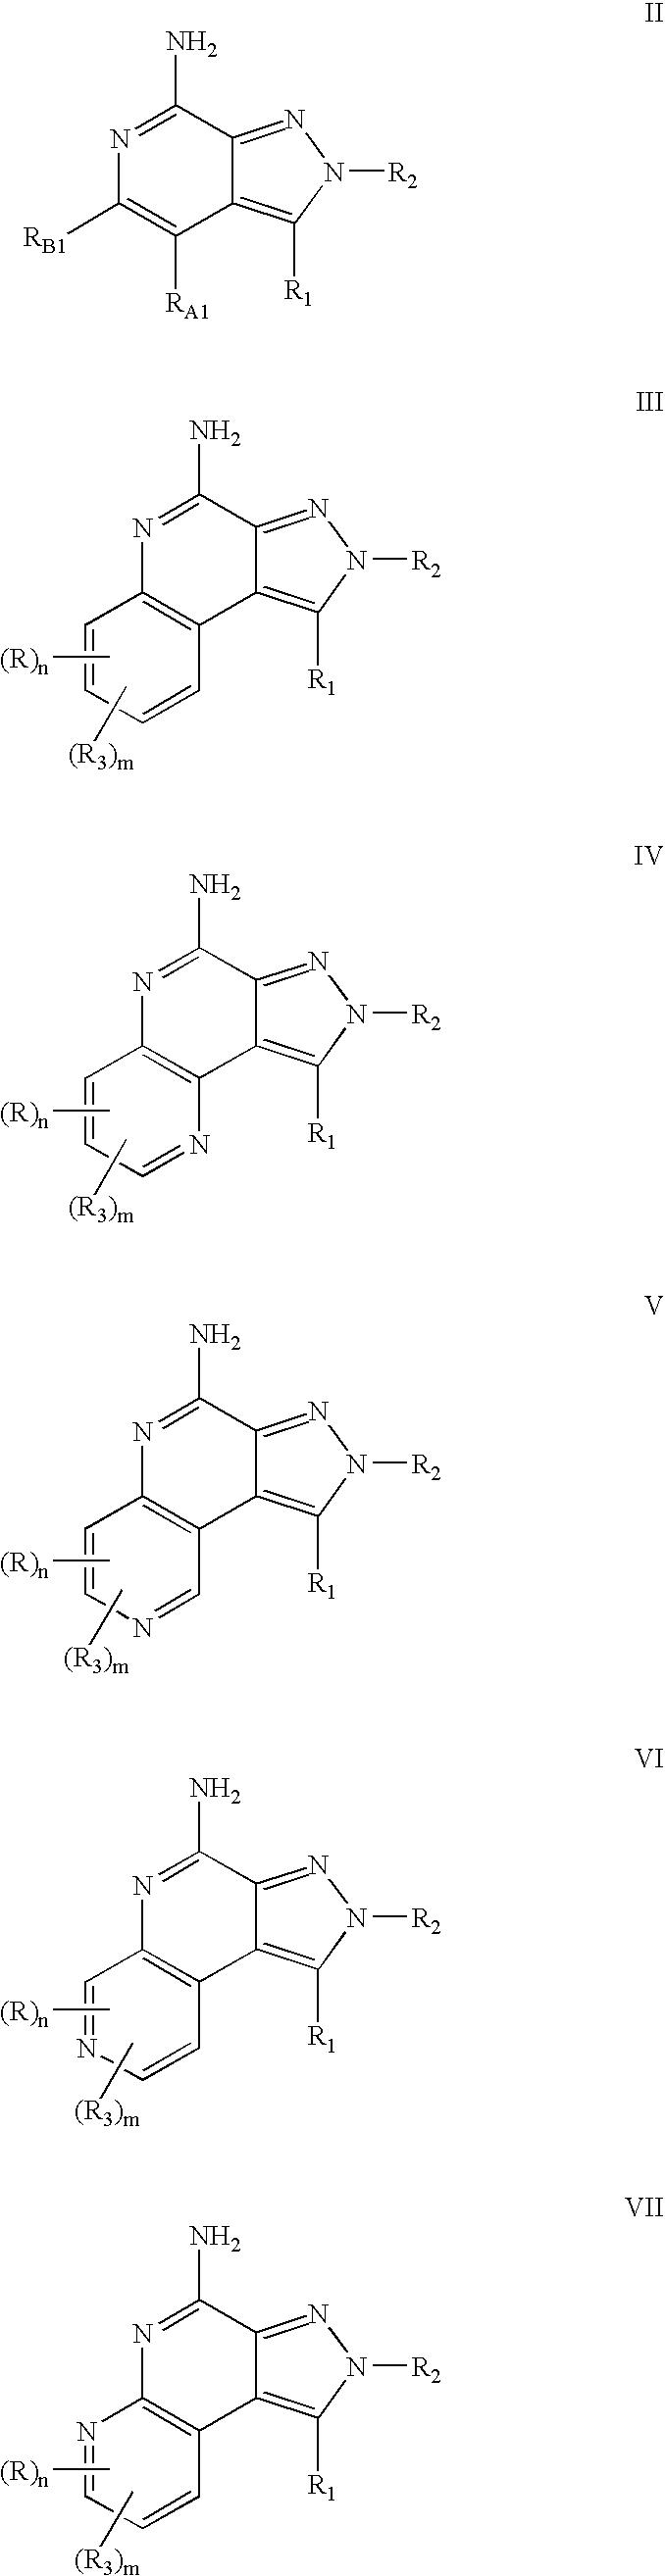 Figure US20060100229A1-20060511-C00002